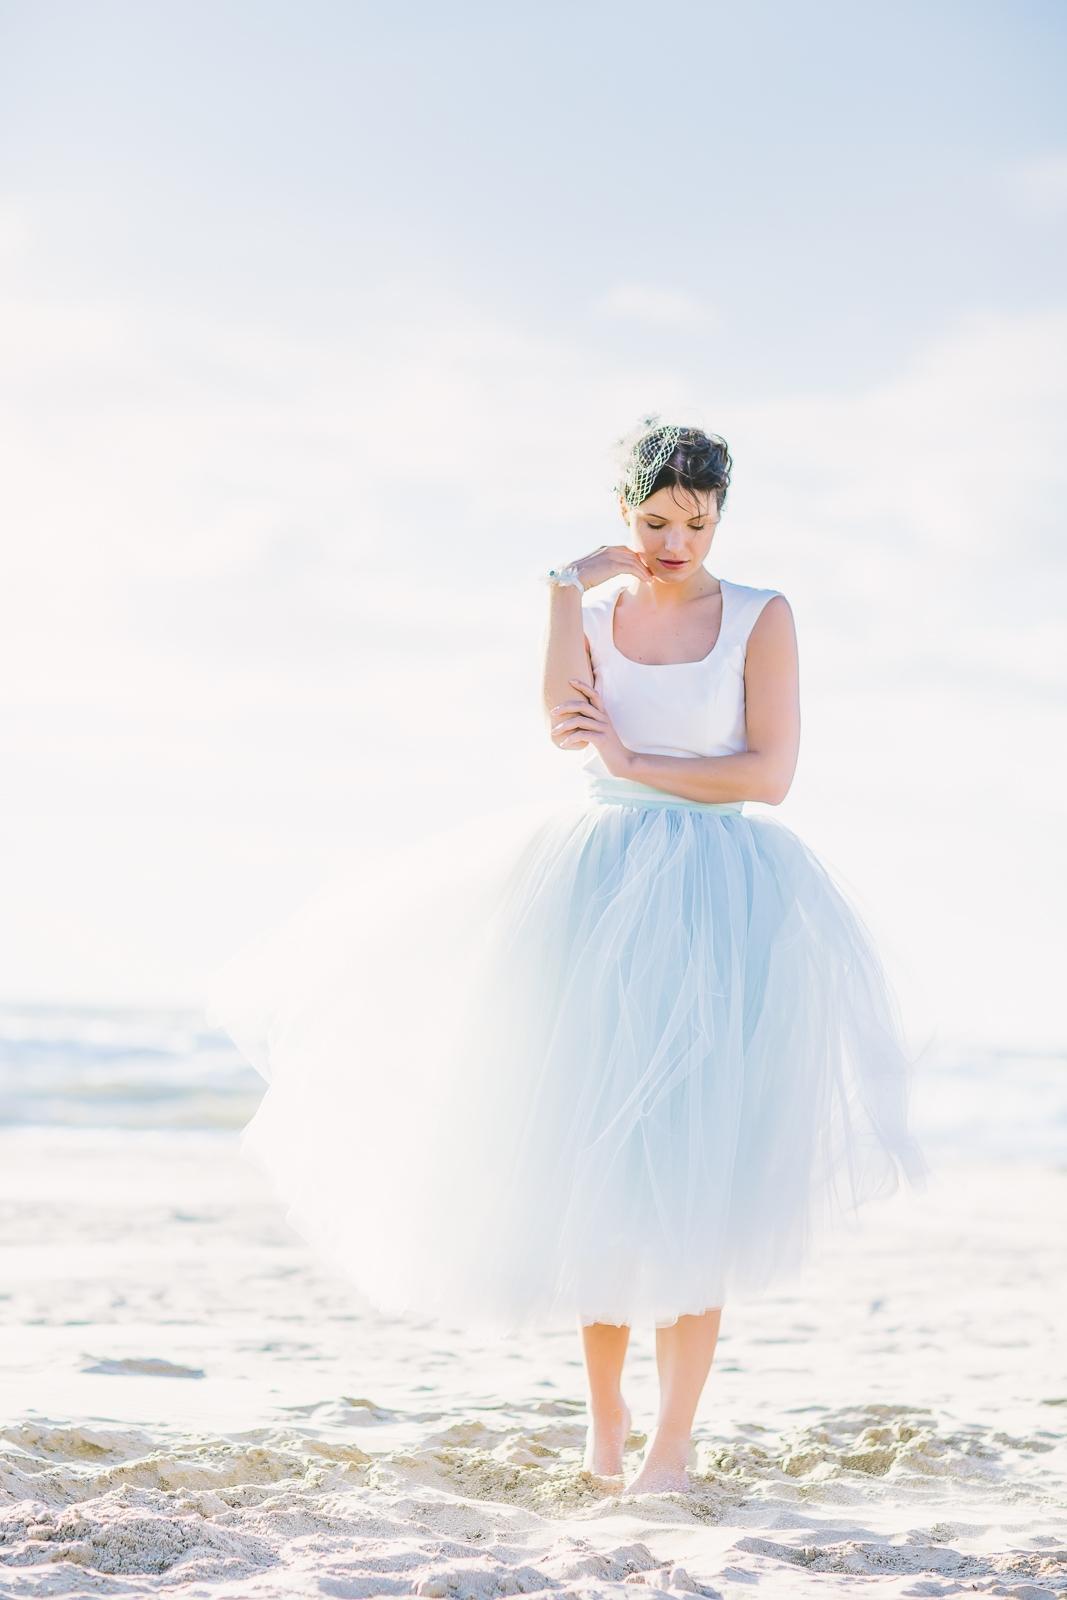 Brautkleider mit Tüll, Graublau